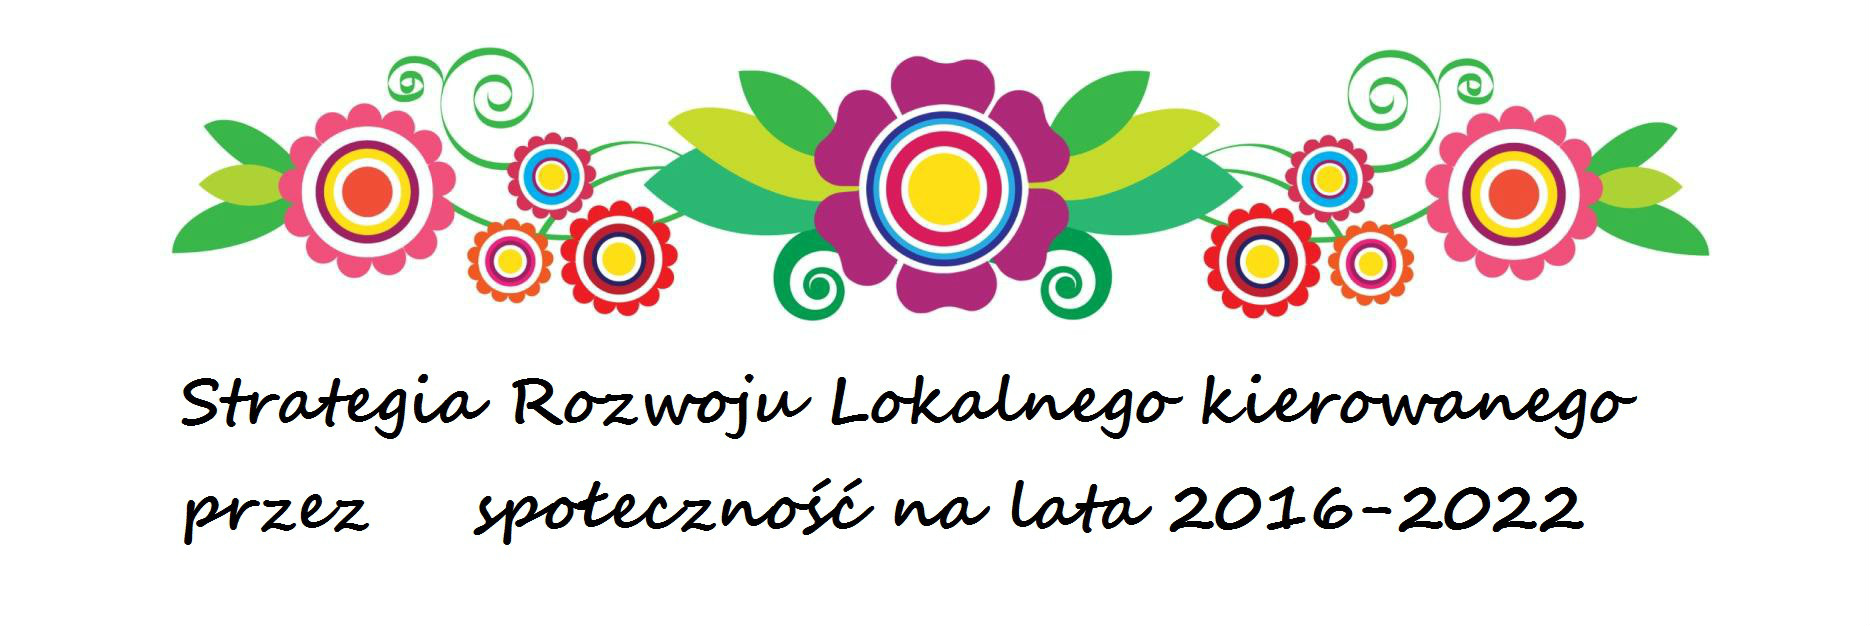 Strategia Rozwoju Lokalnego kierowanego przez społeczność na lata 2016-2022